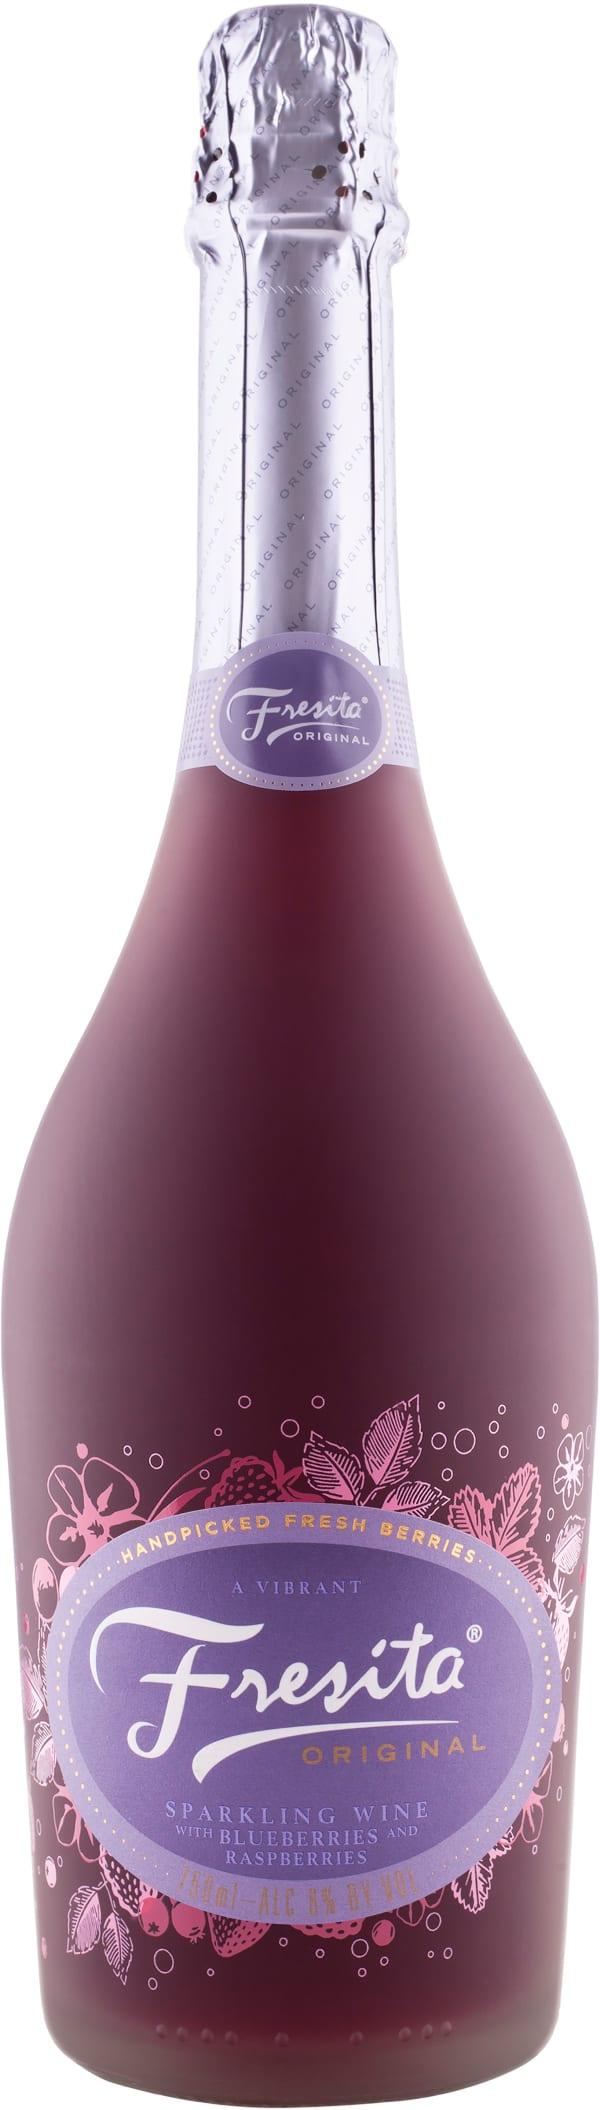 Fresita Blueberry-Raspberry